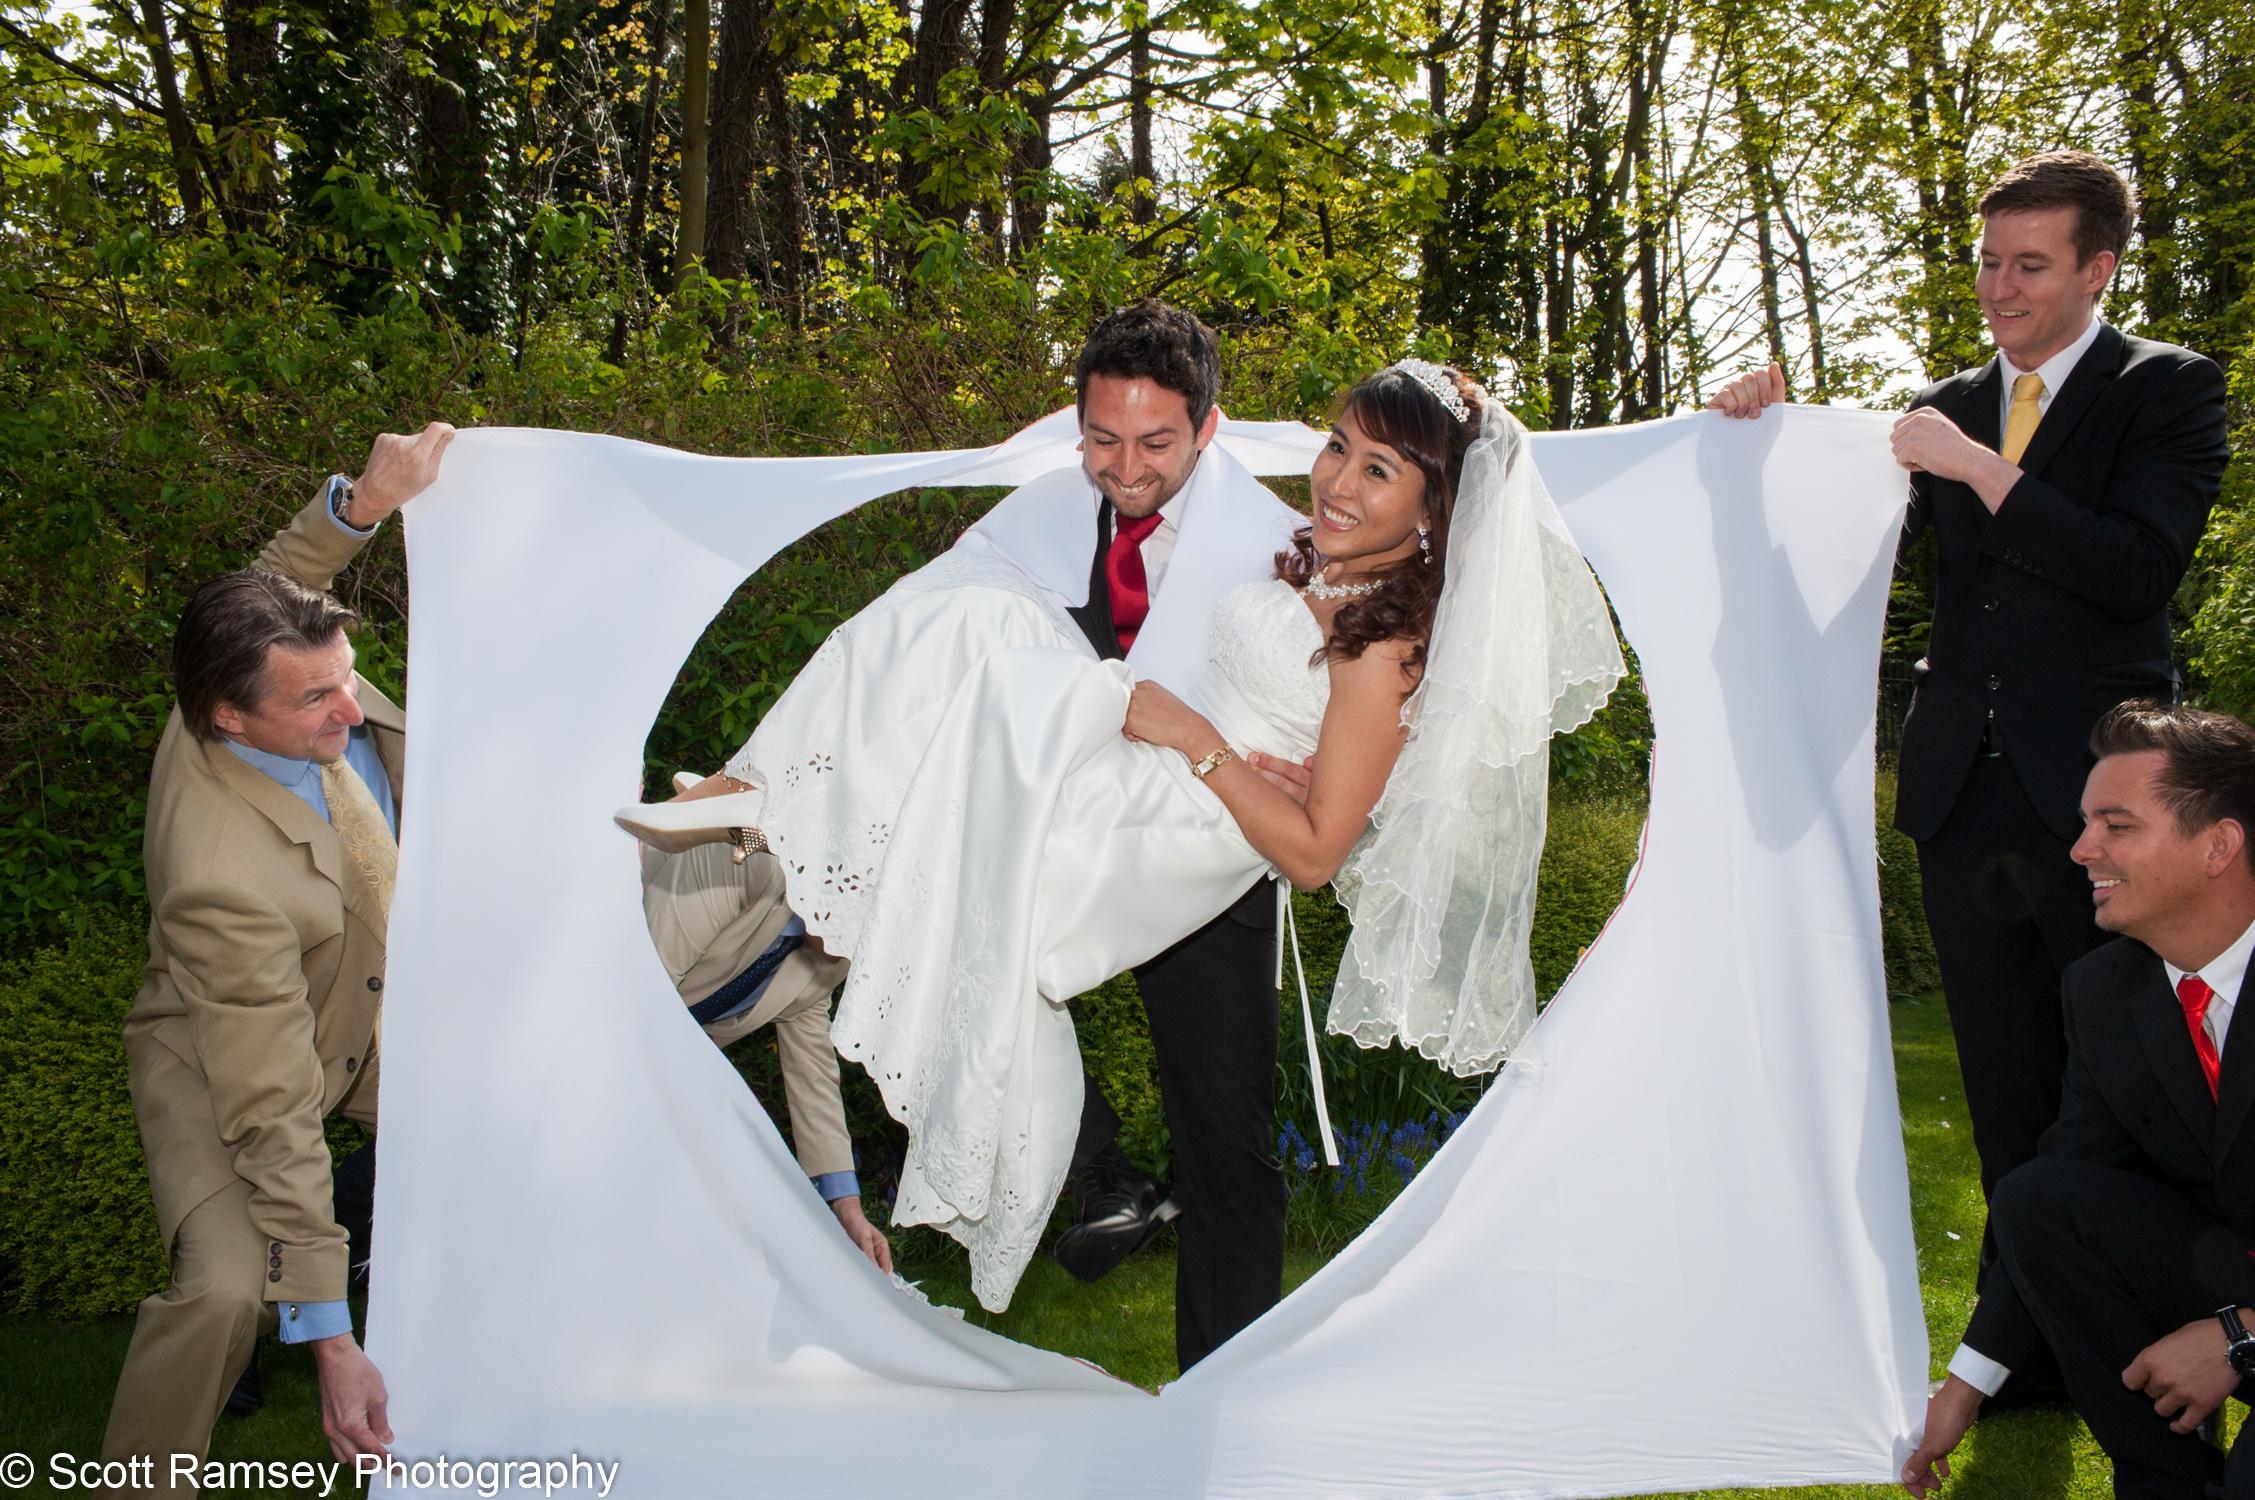 Portsmouth Registry Office Wedding Groom Carries Bride 040513-31